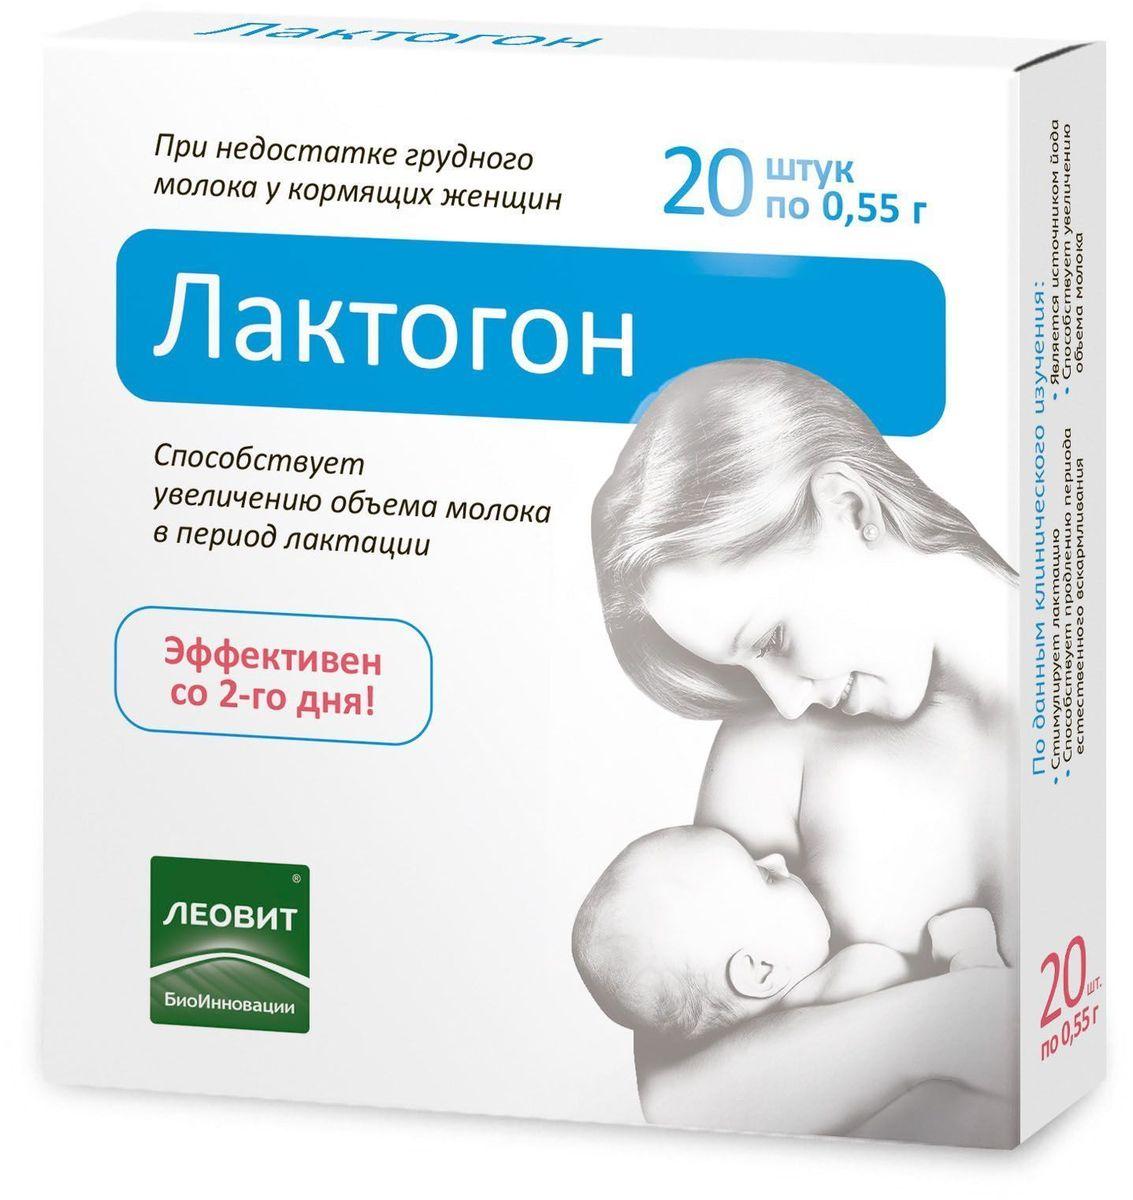 БиоИнновации Лактогон БАД к пище 20 таблеток, 11 г0120710Способствует увеличению объема молока при недостаточной лактации у кормящих женщин. Источник йода. Эффективен со 2 дня!